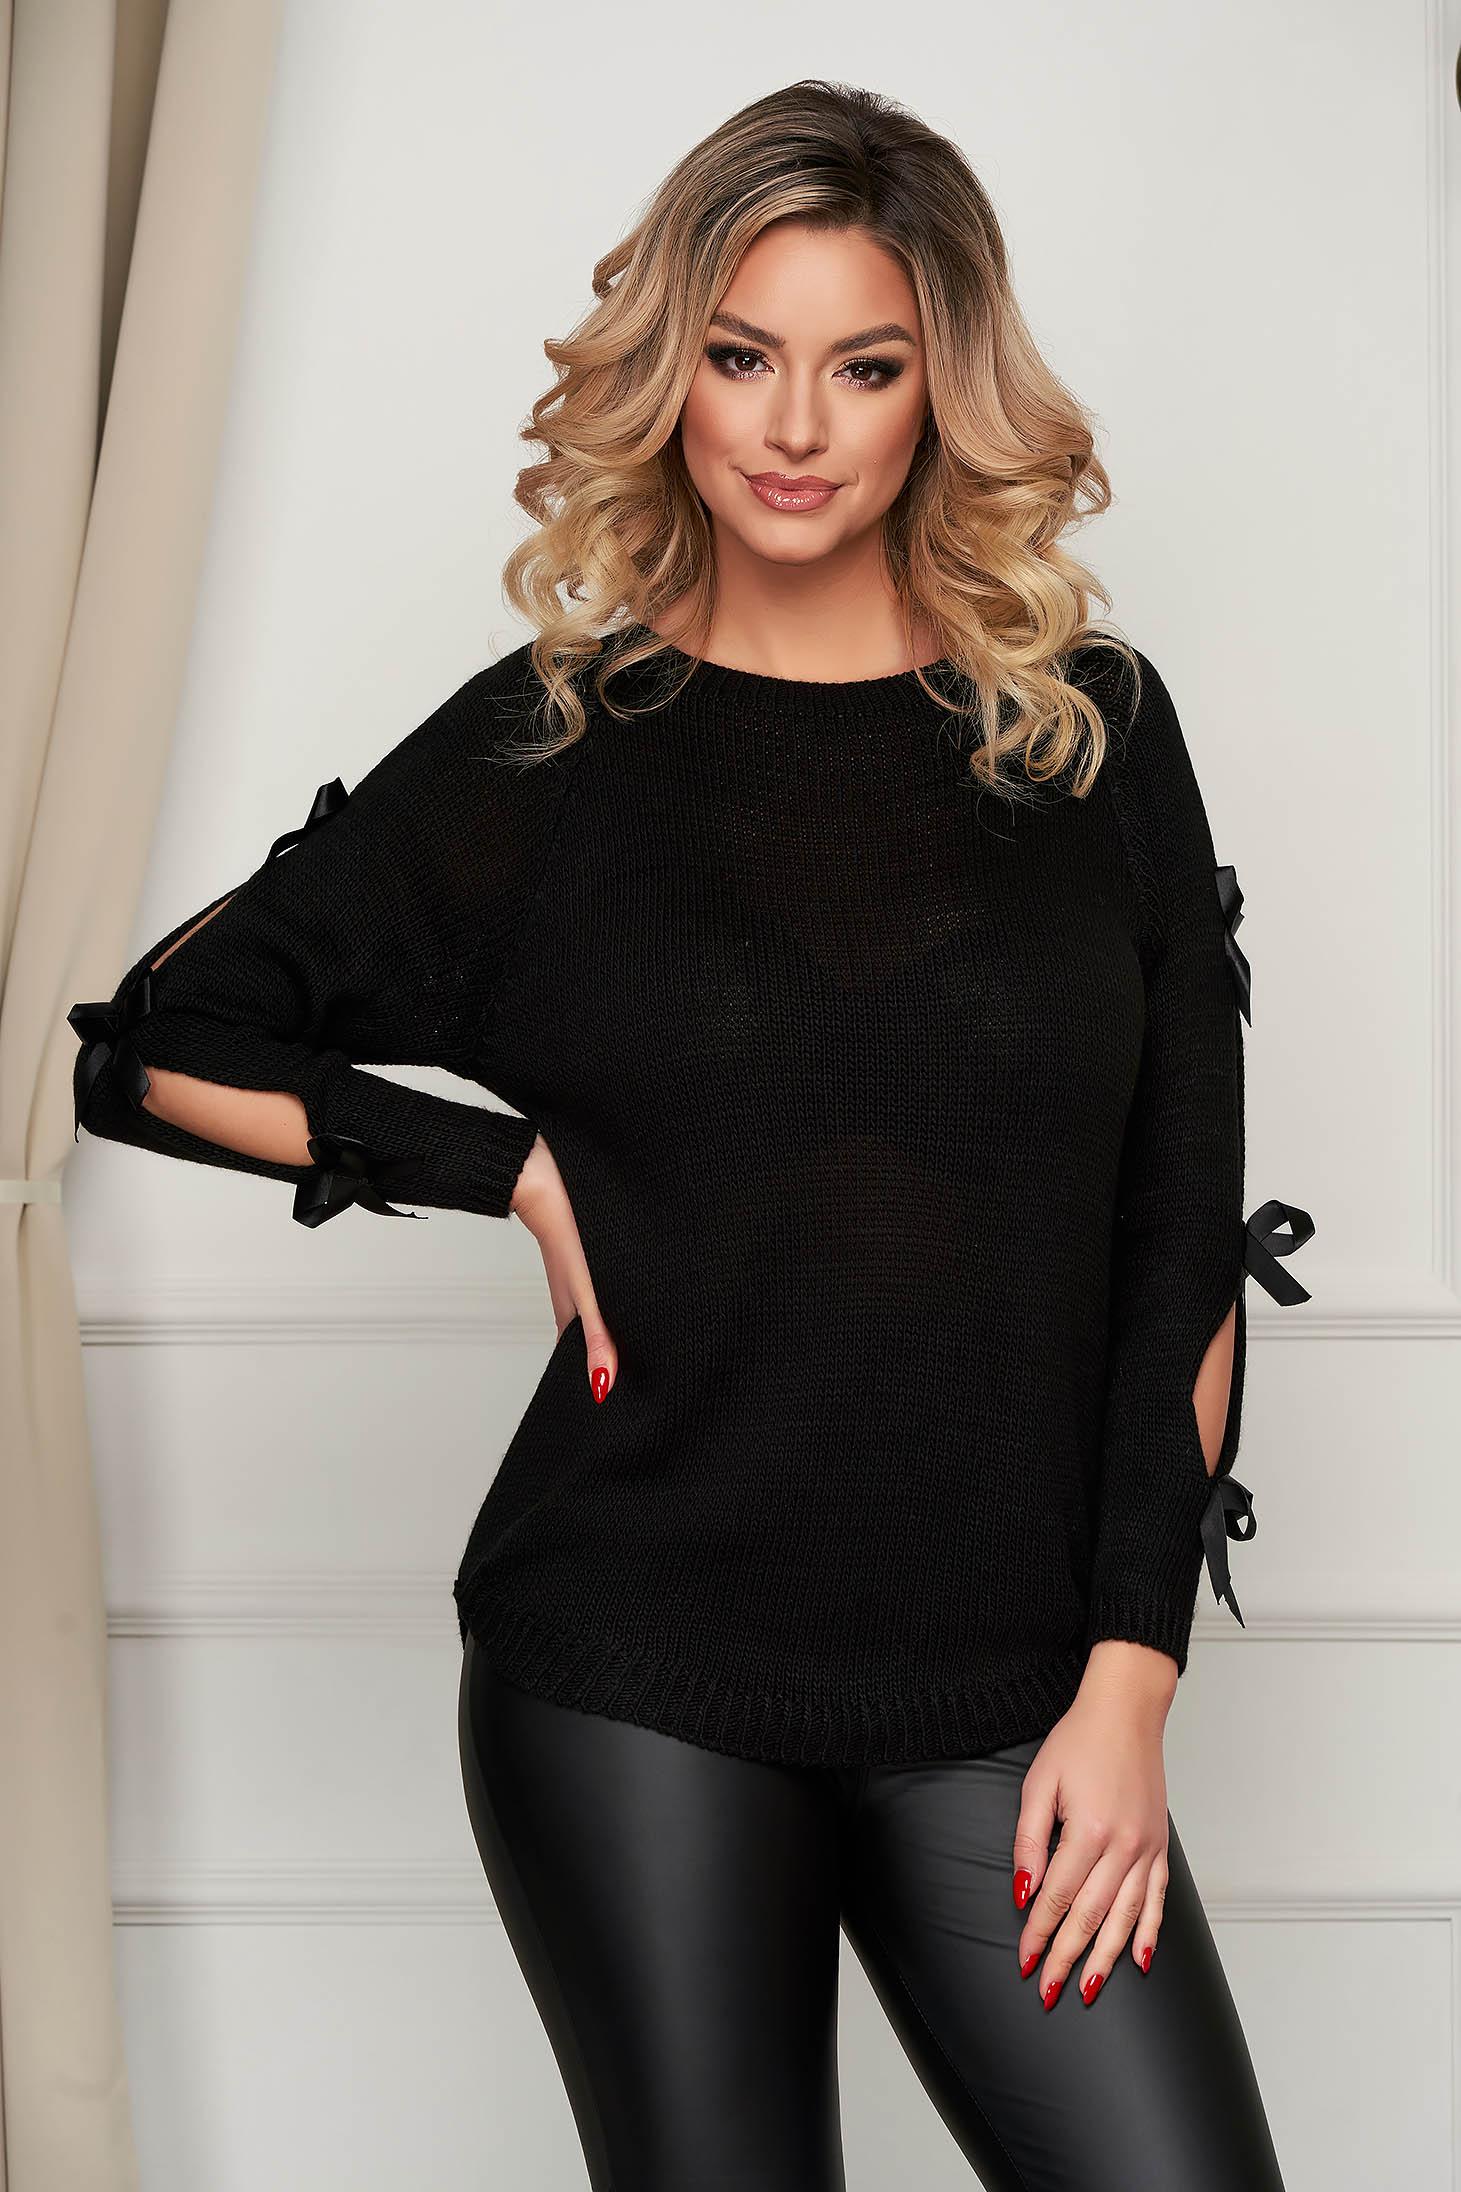 Fekete casual bő szabású kötött pulóver masnikkal van ellátva